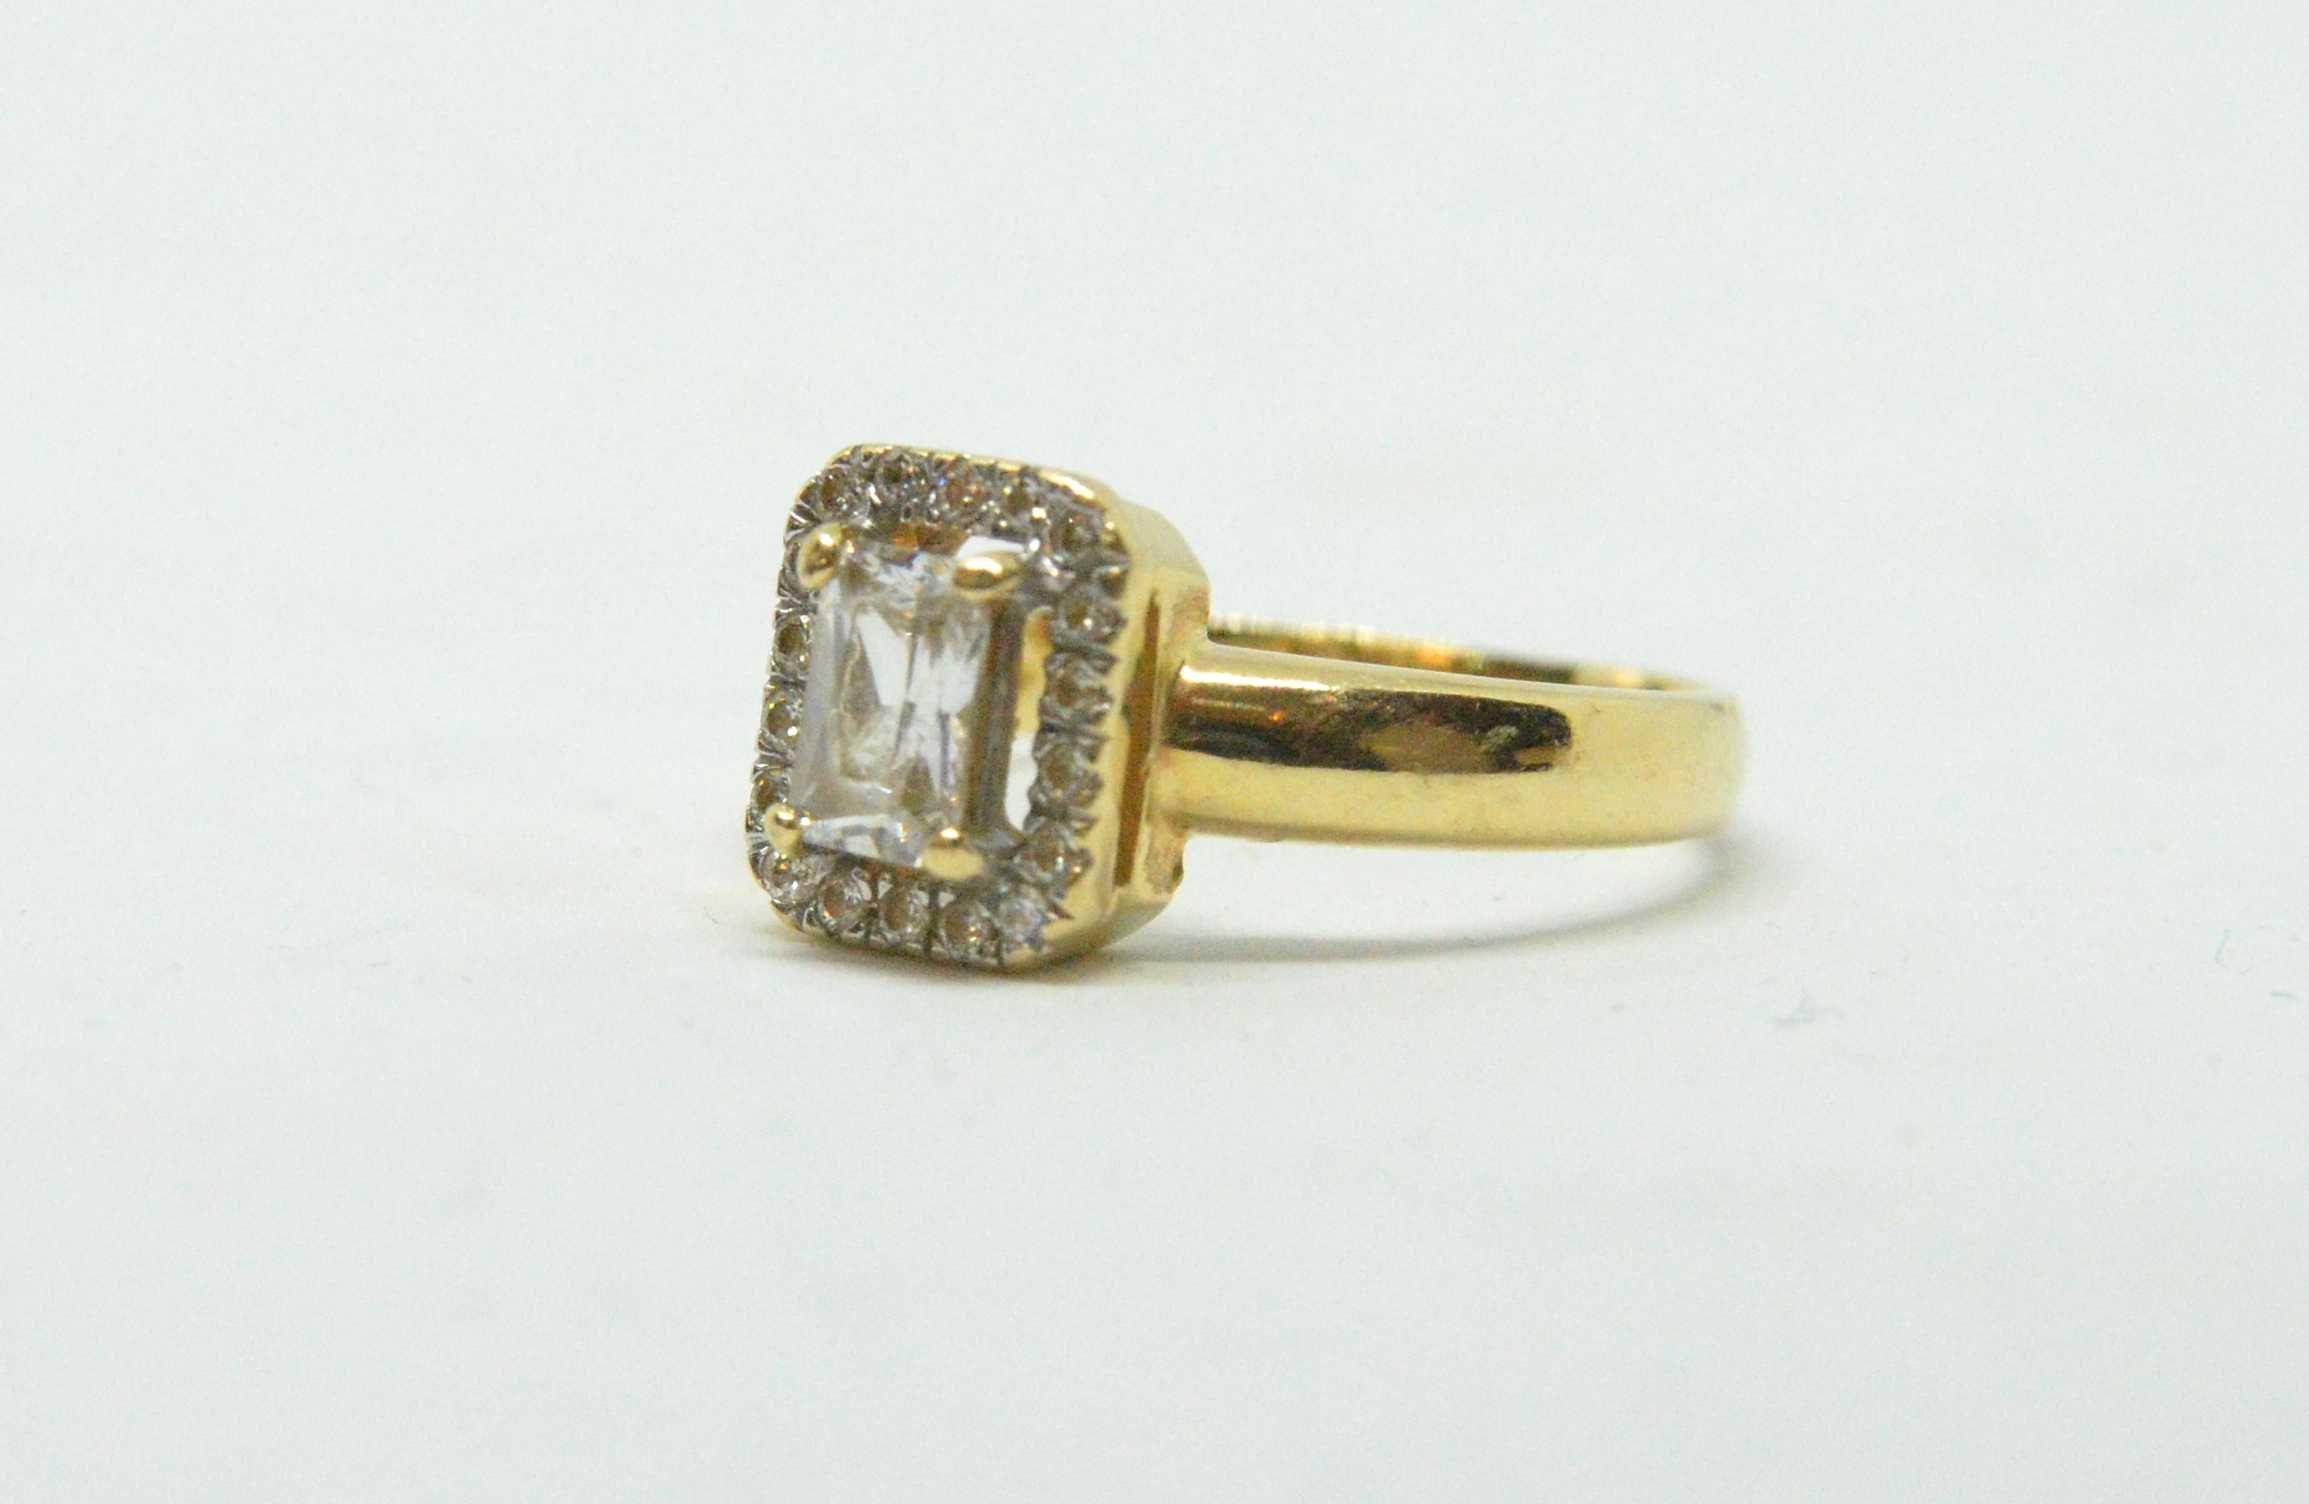 Złoty pierścionek 585 waga 3,37g Rozm. 14 Lombard Tarnów